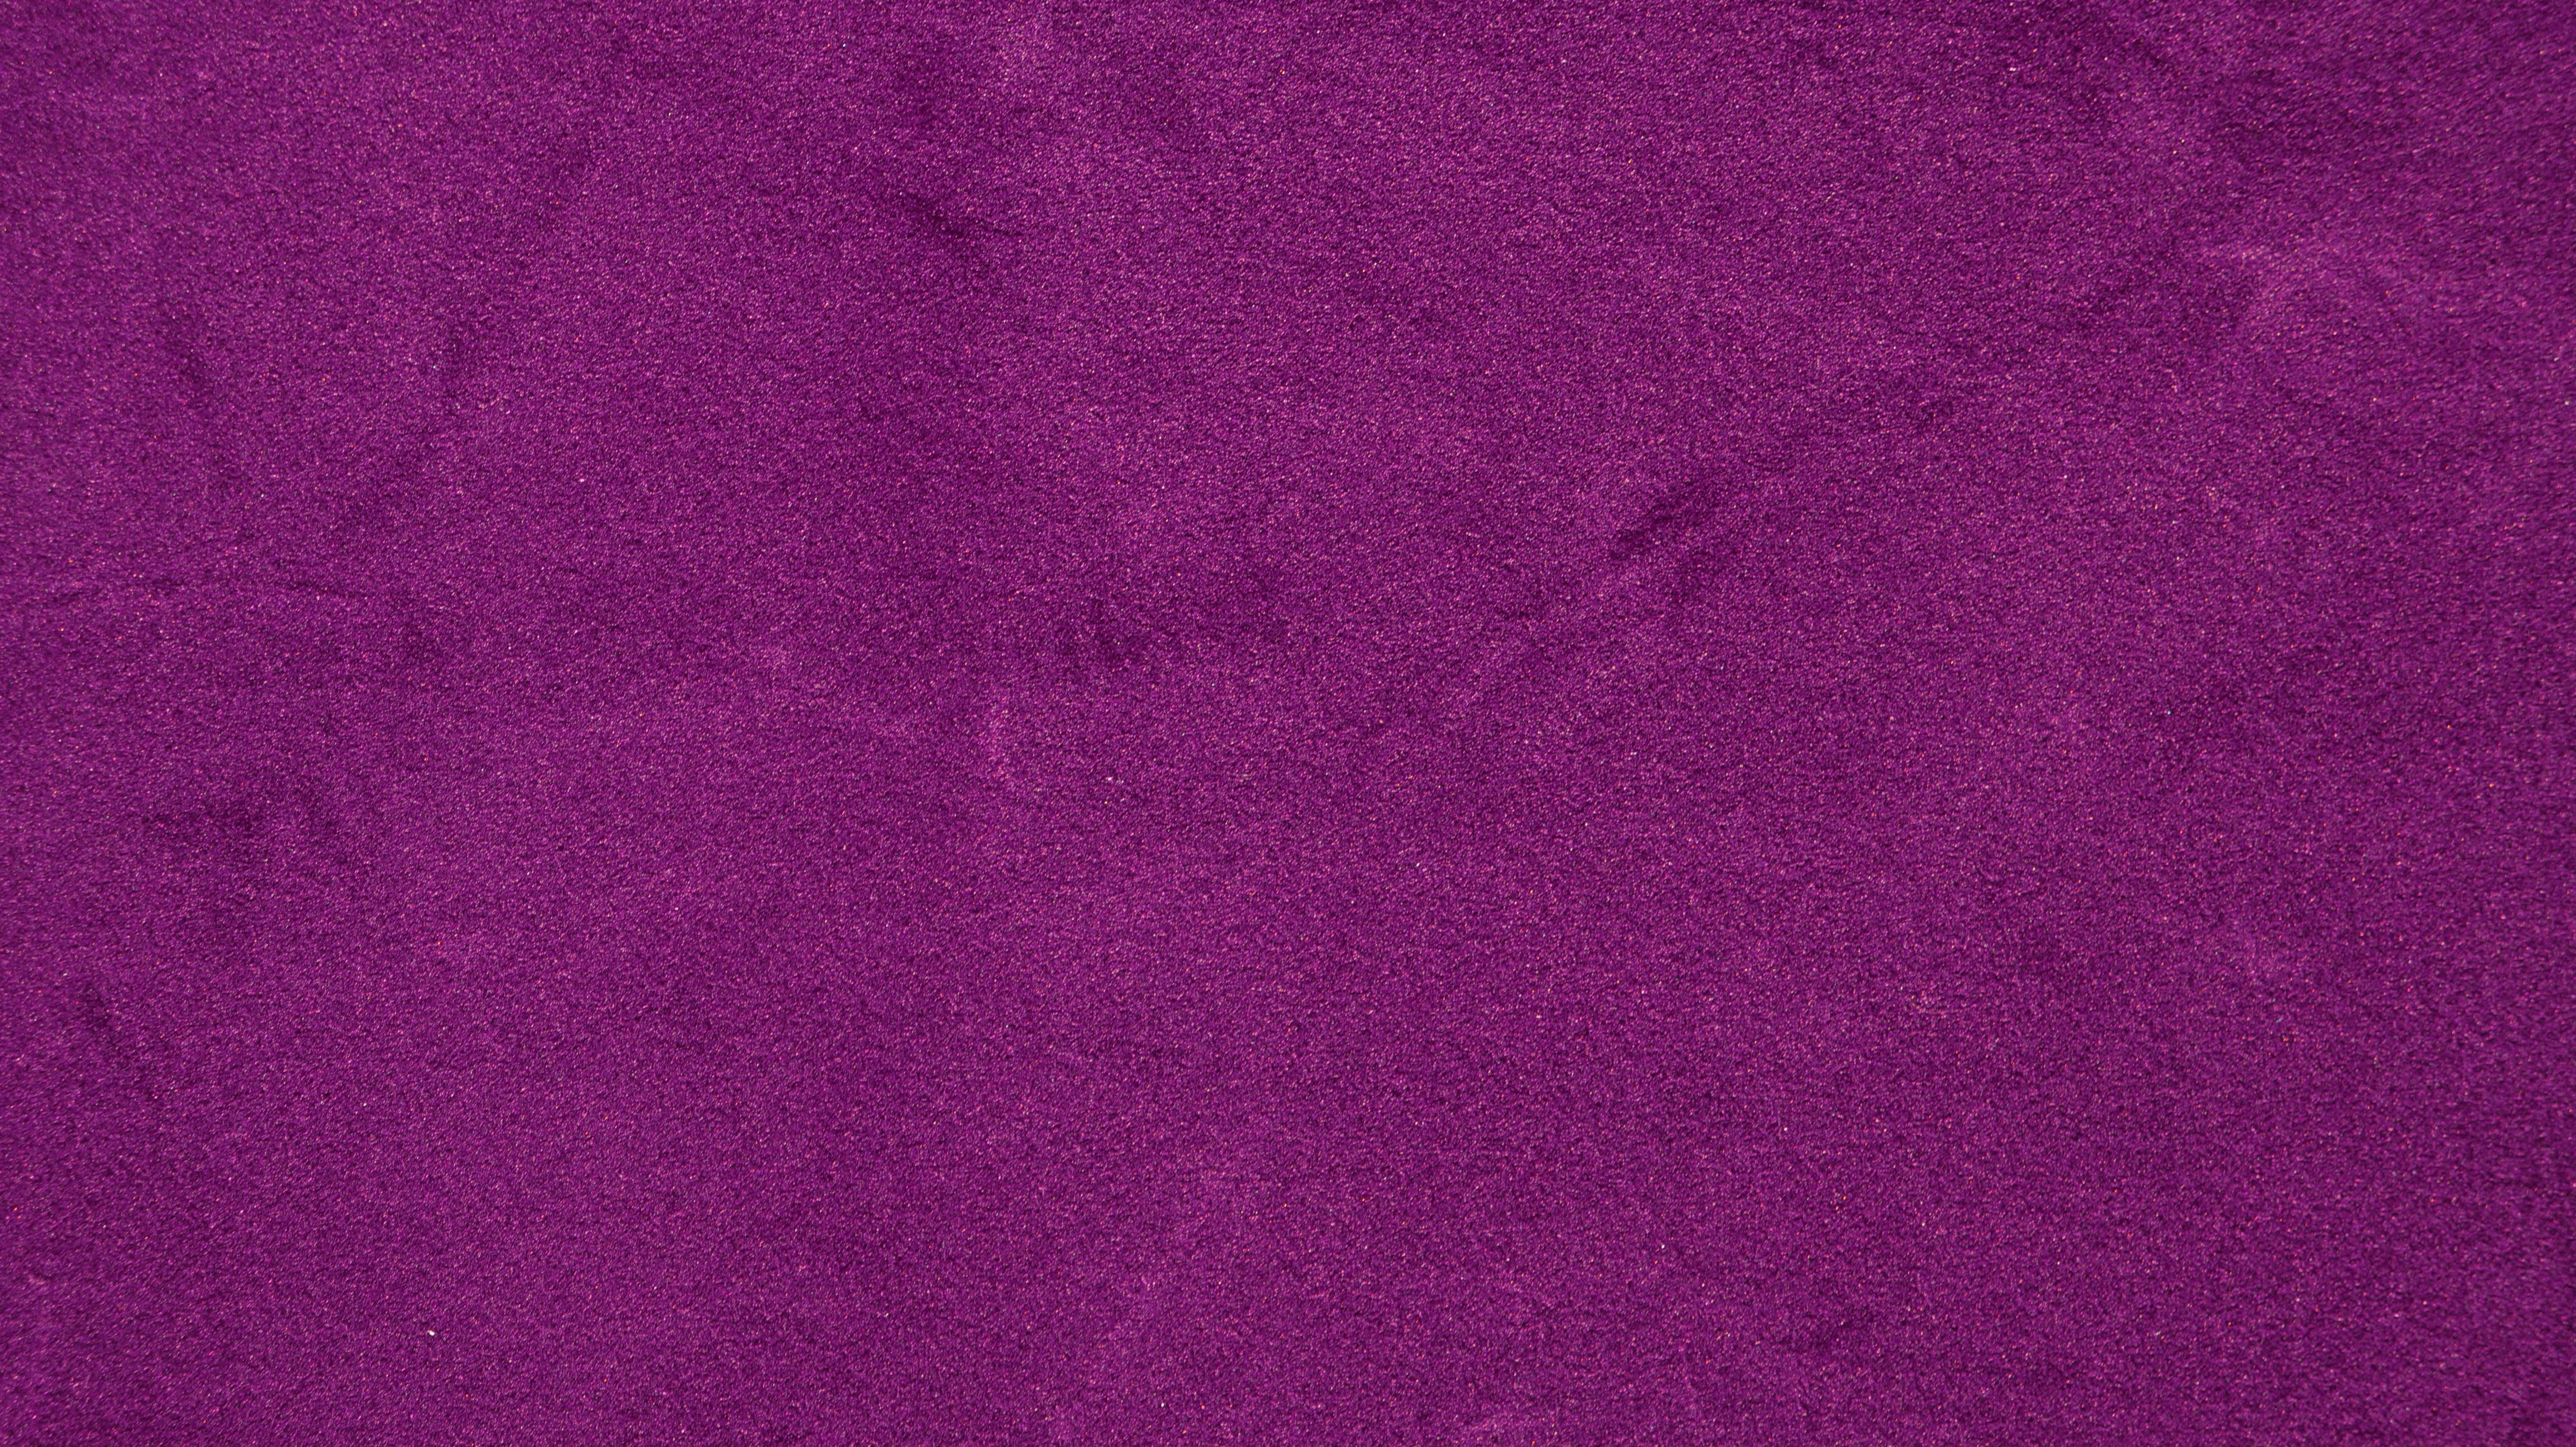 Texture Velvet Color Texture free image